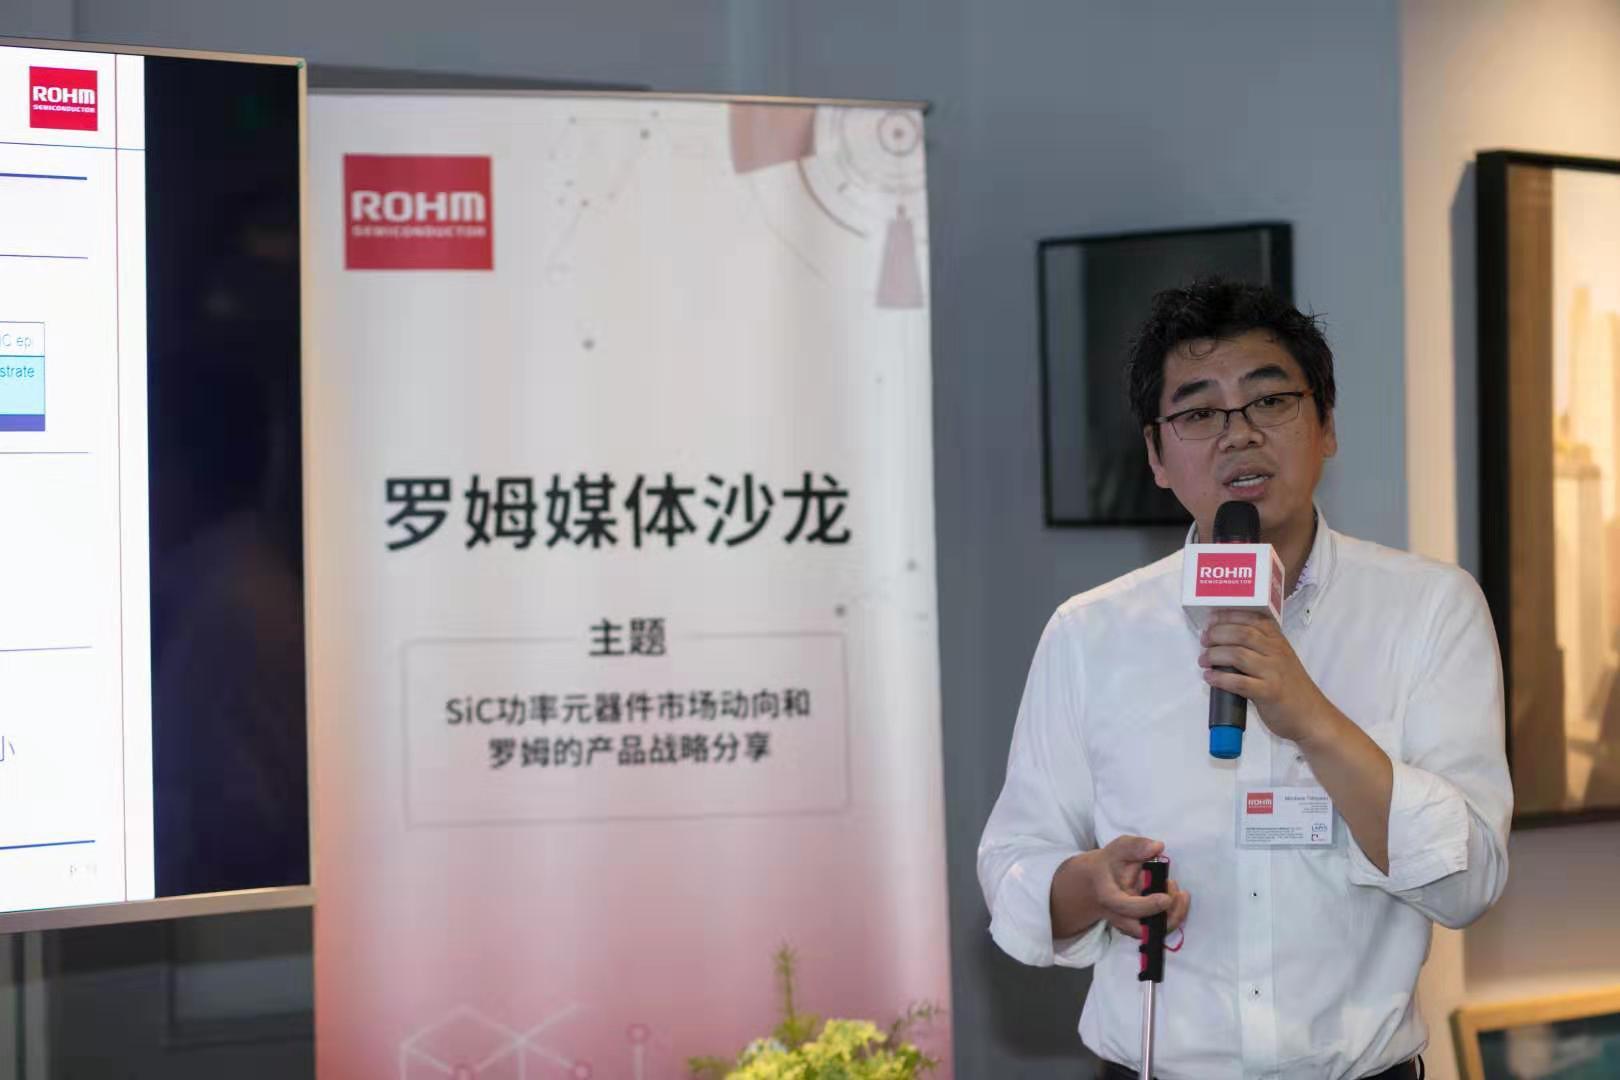 罗姆半导体(北京)有限公司技术中心所长 水原德建先生